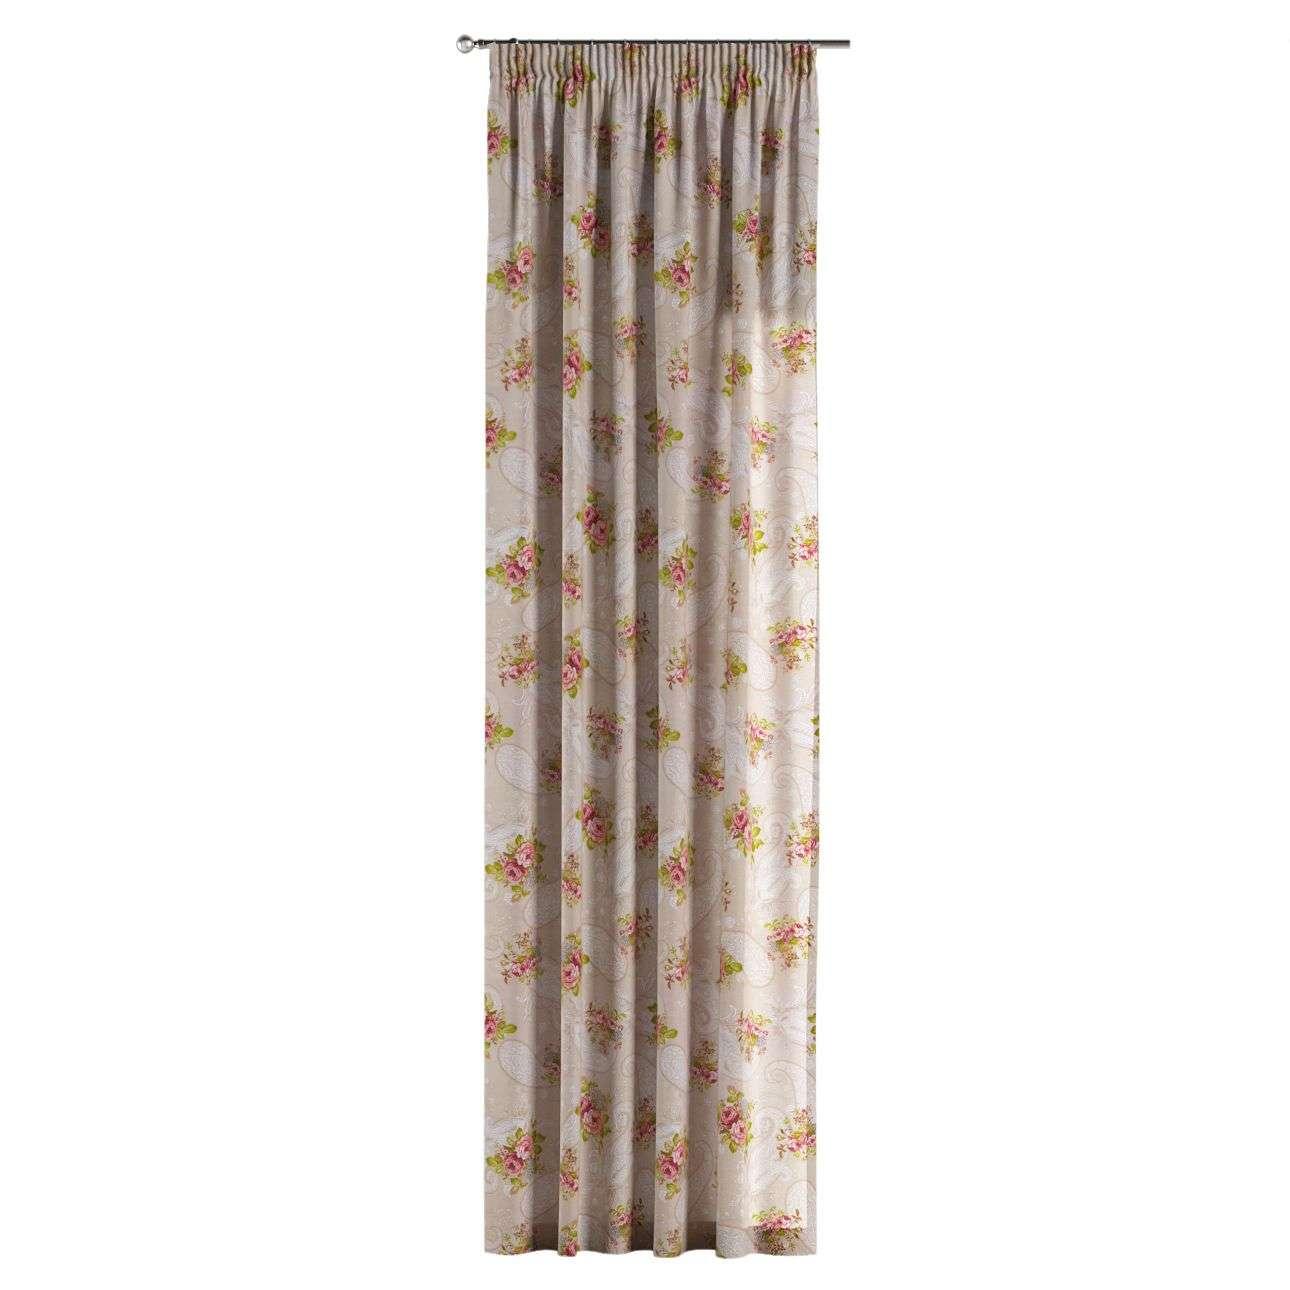 Gardin med rynkebånd 130 x 260 cm fra kollektionen Flowers, Stof: 311-15